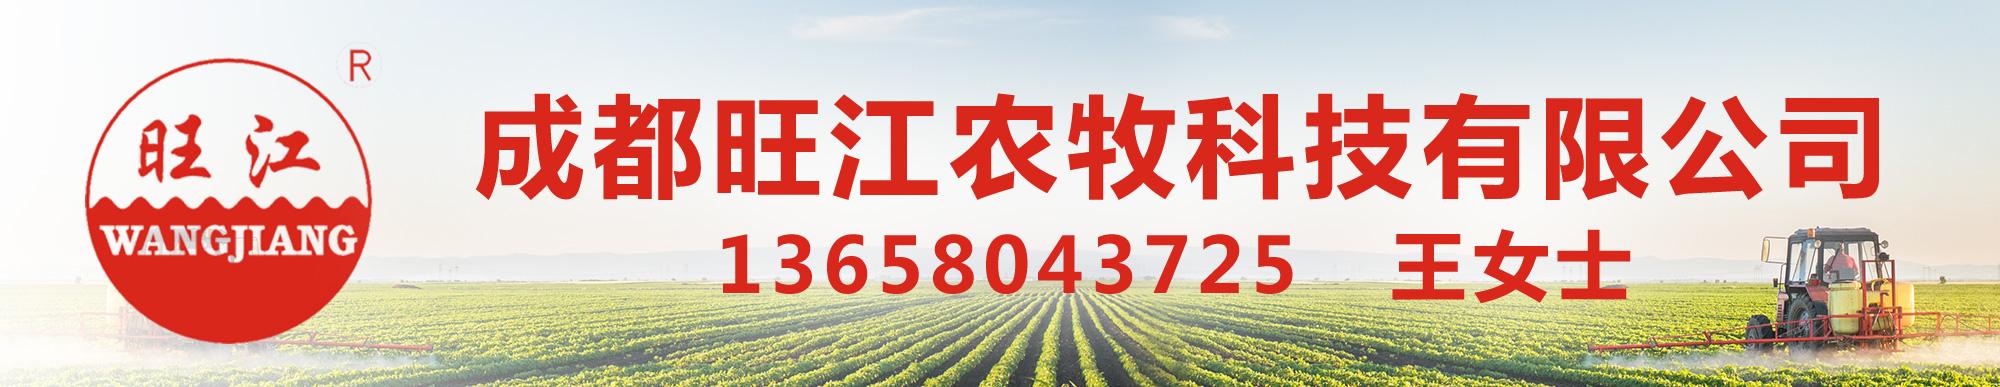 成都旺江农牧科技有限公司